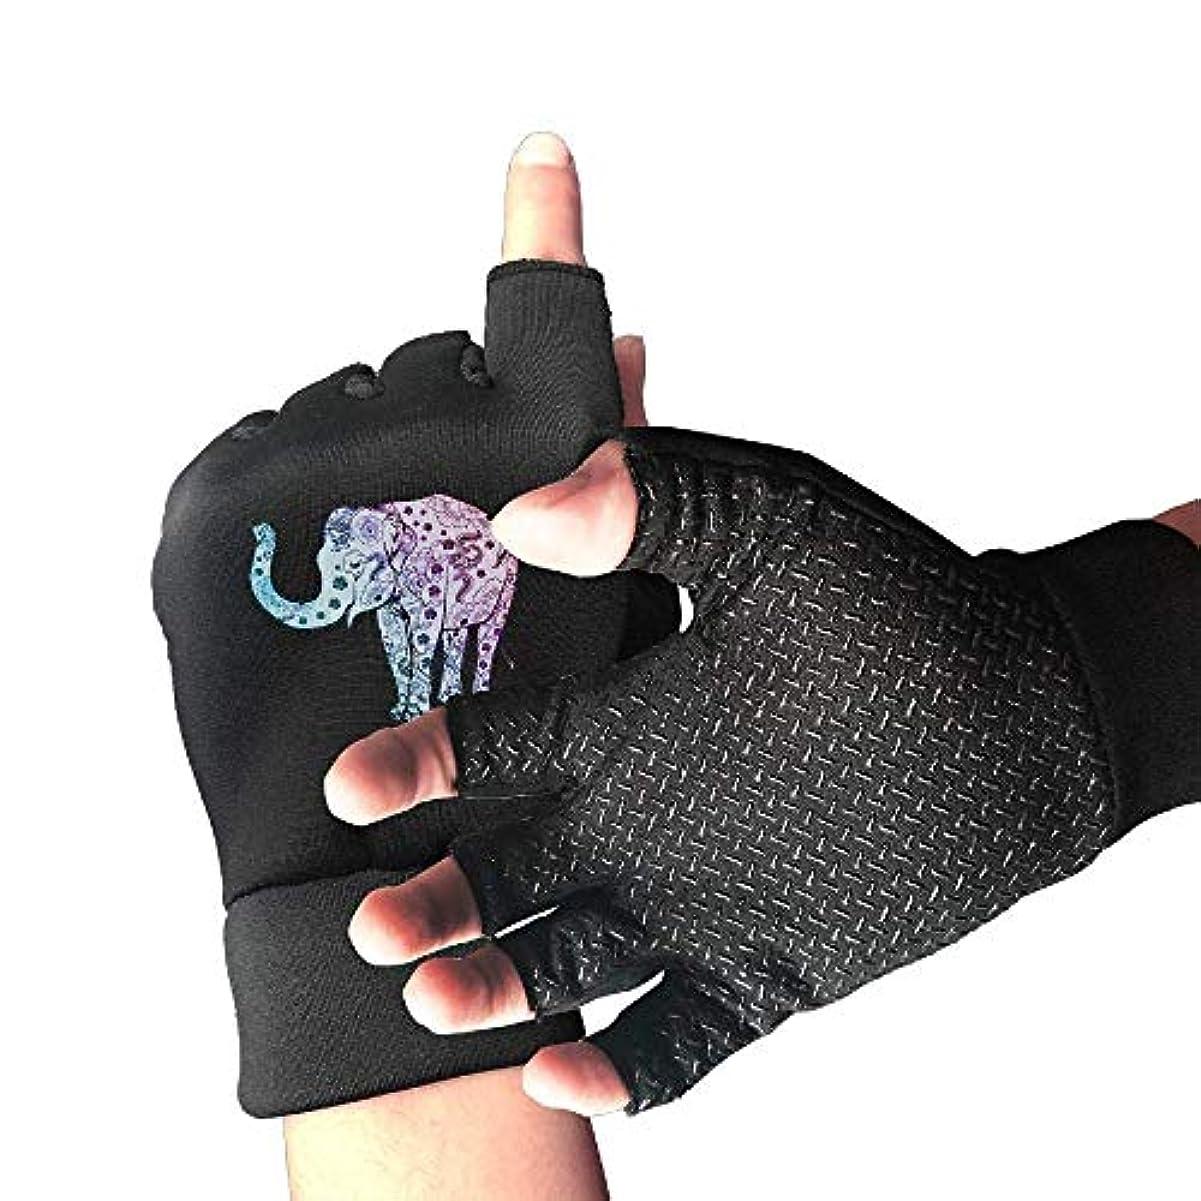 不可能なエーカー光のCycling Gloves Blue Floral Elephant Men's/Women's Mountain Bike Gloves Half Finger Anti-Slip Motorcycle Gloves